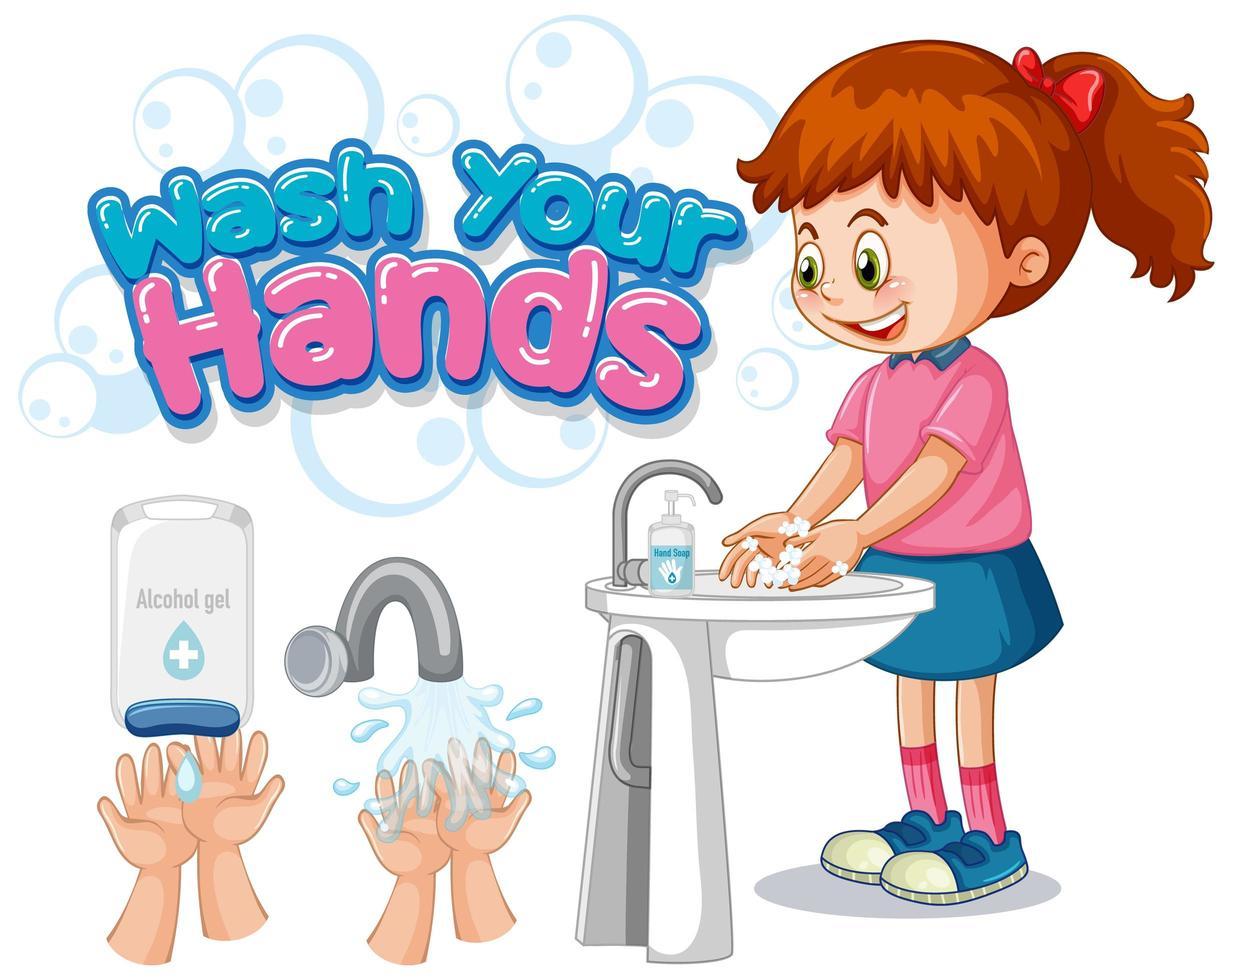 Waschen Sie Ihre Hände Poster mit Mädchen Hände waschen vektor